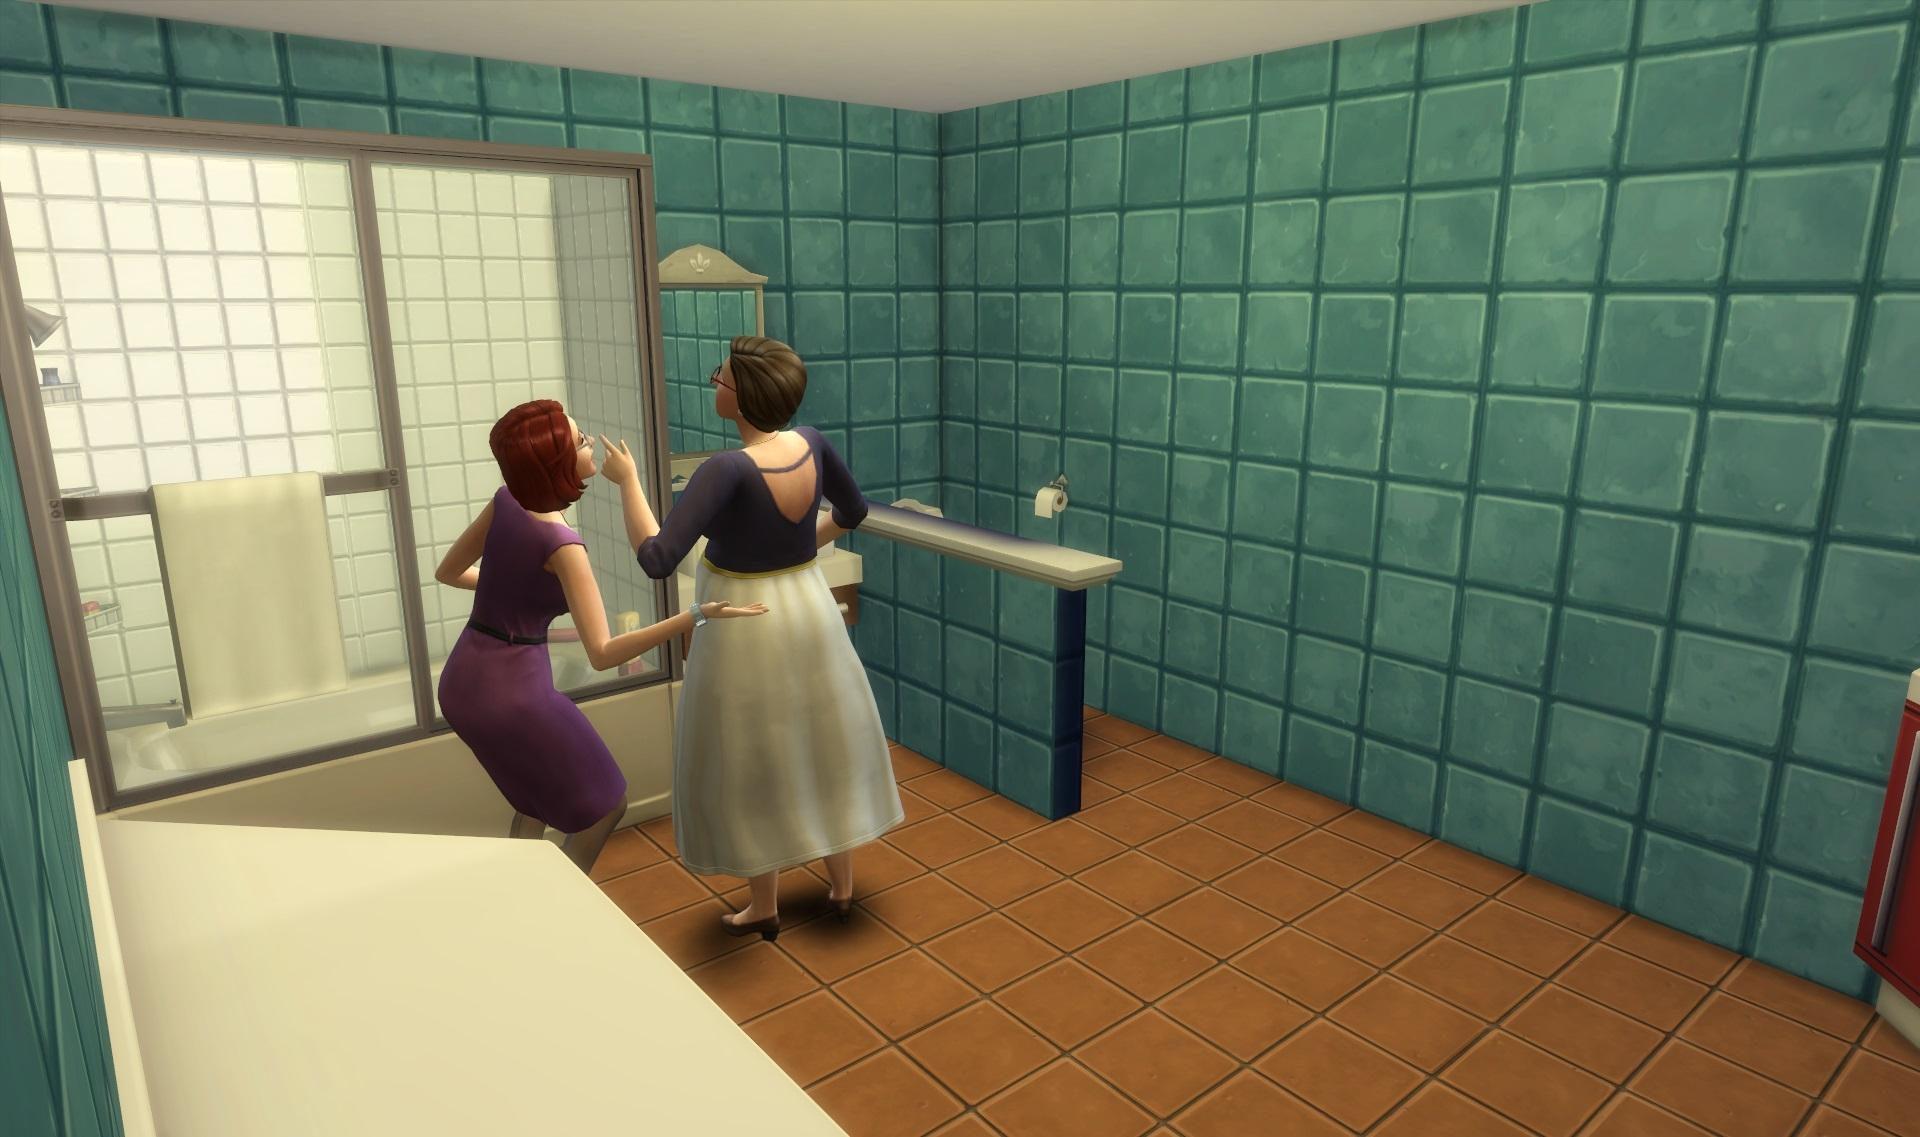 bizarre gratuit datant Sims sont donc Meryl et Maks datant